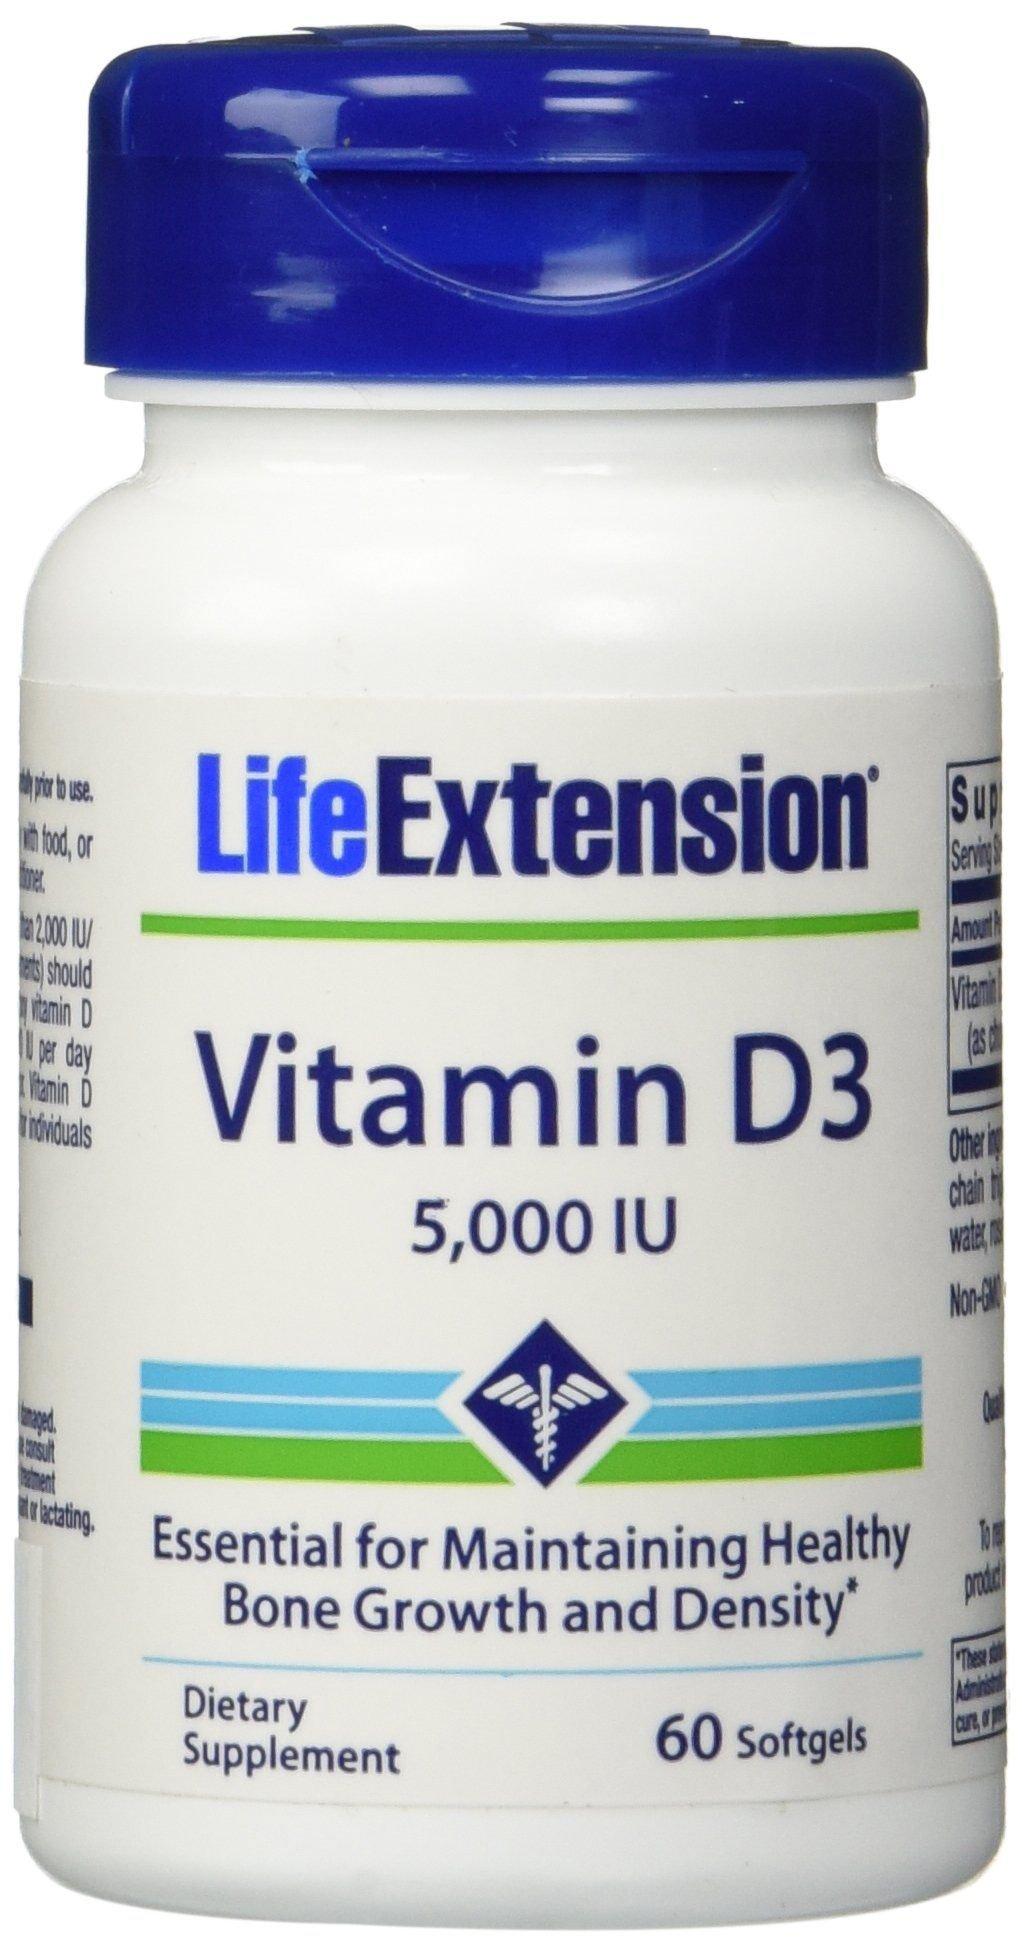 Life Extension Vitamin D3 5000 IU 60 softgels (Pack of 2)